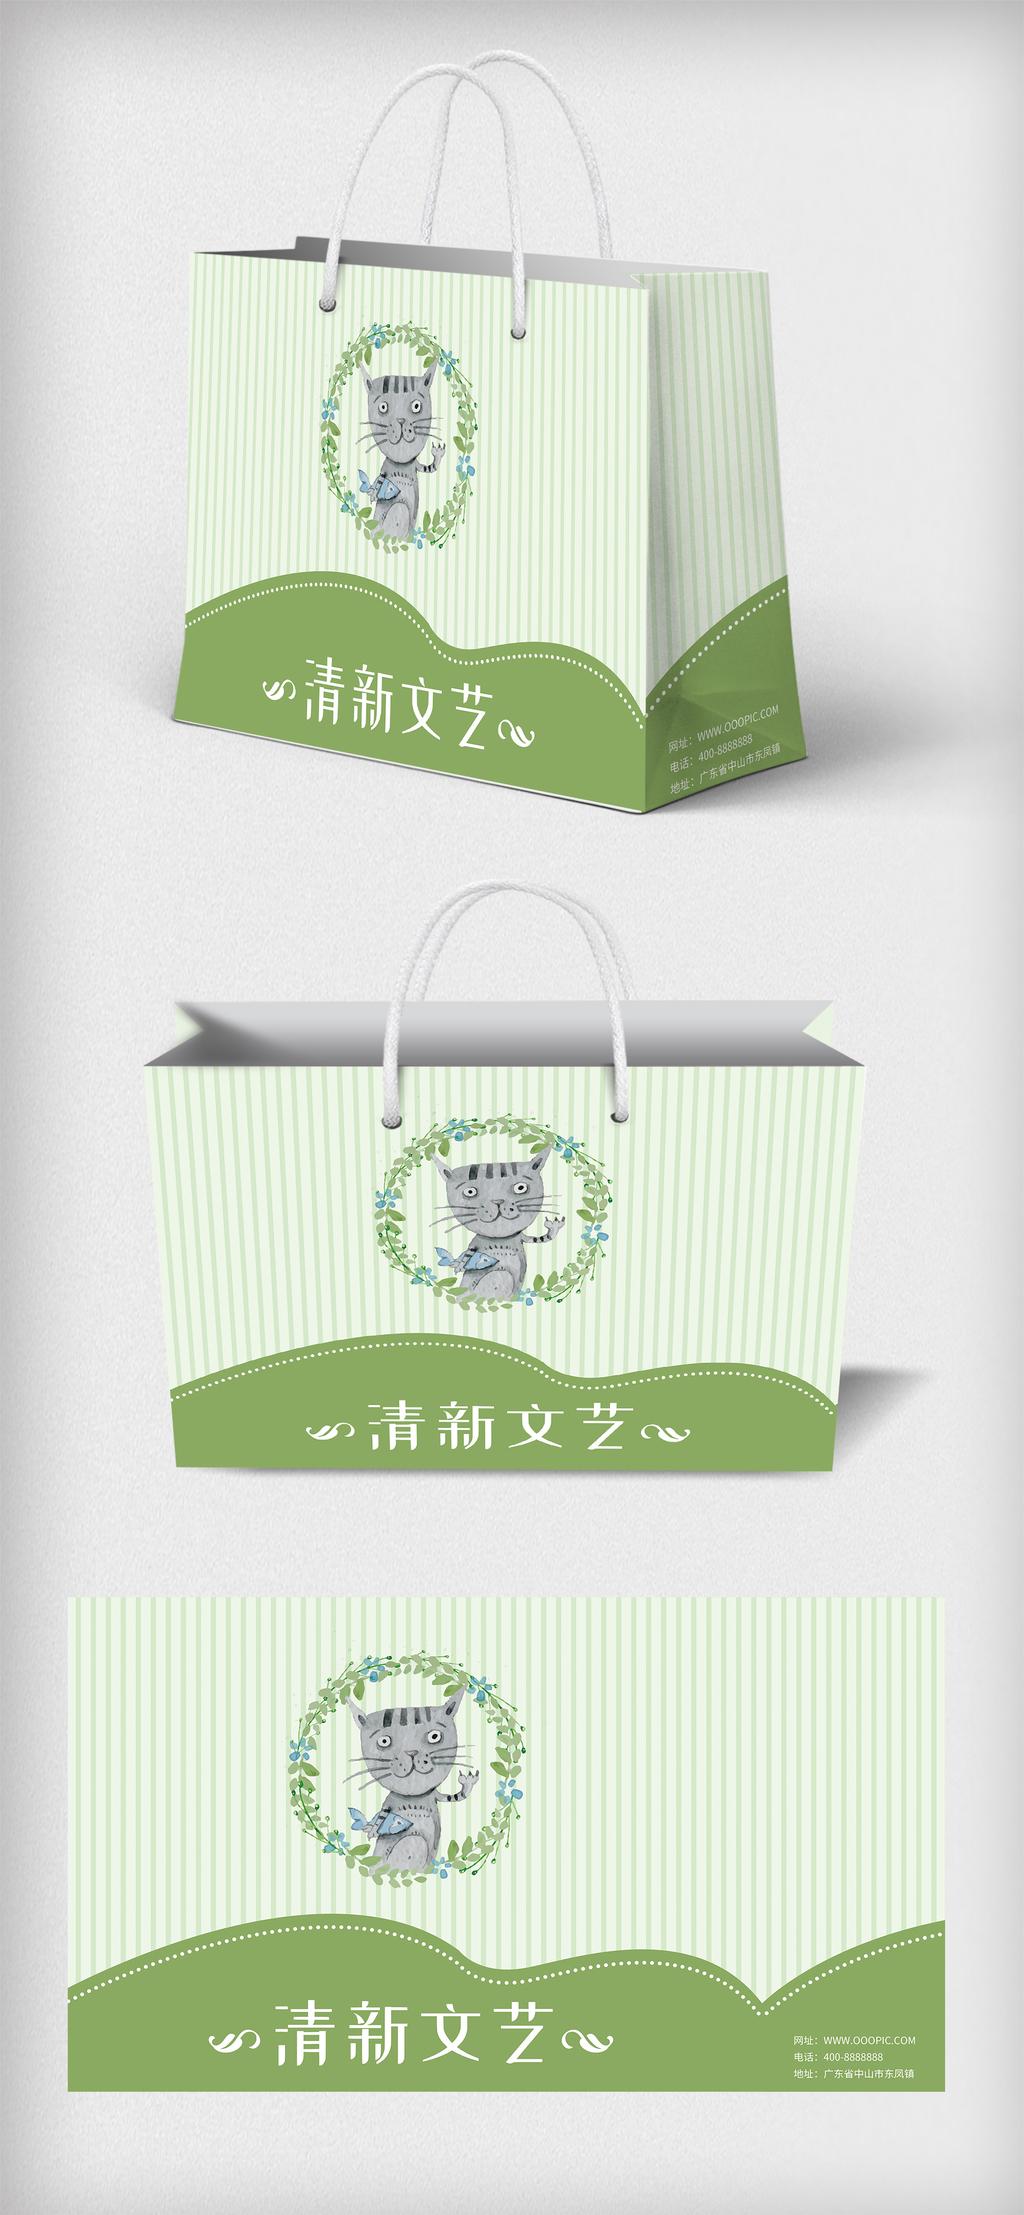 清新手绘背景礼品袋包装设计